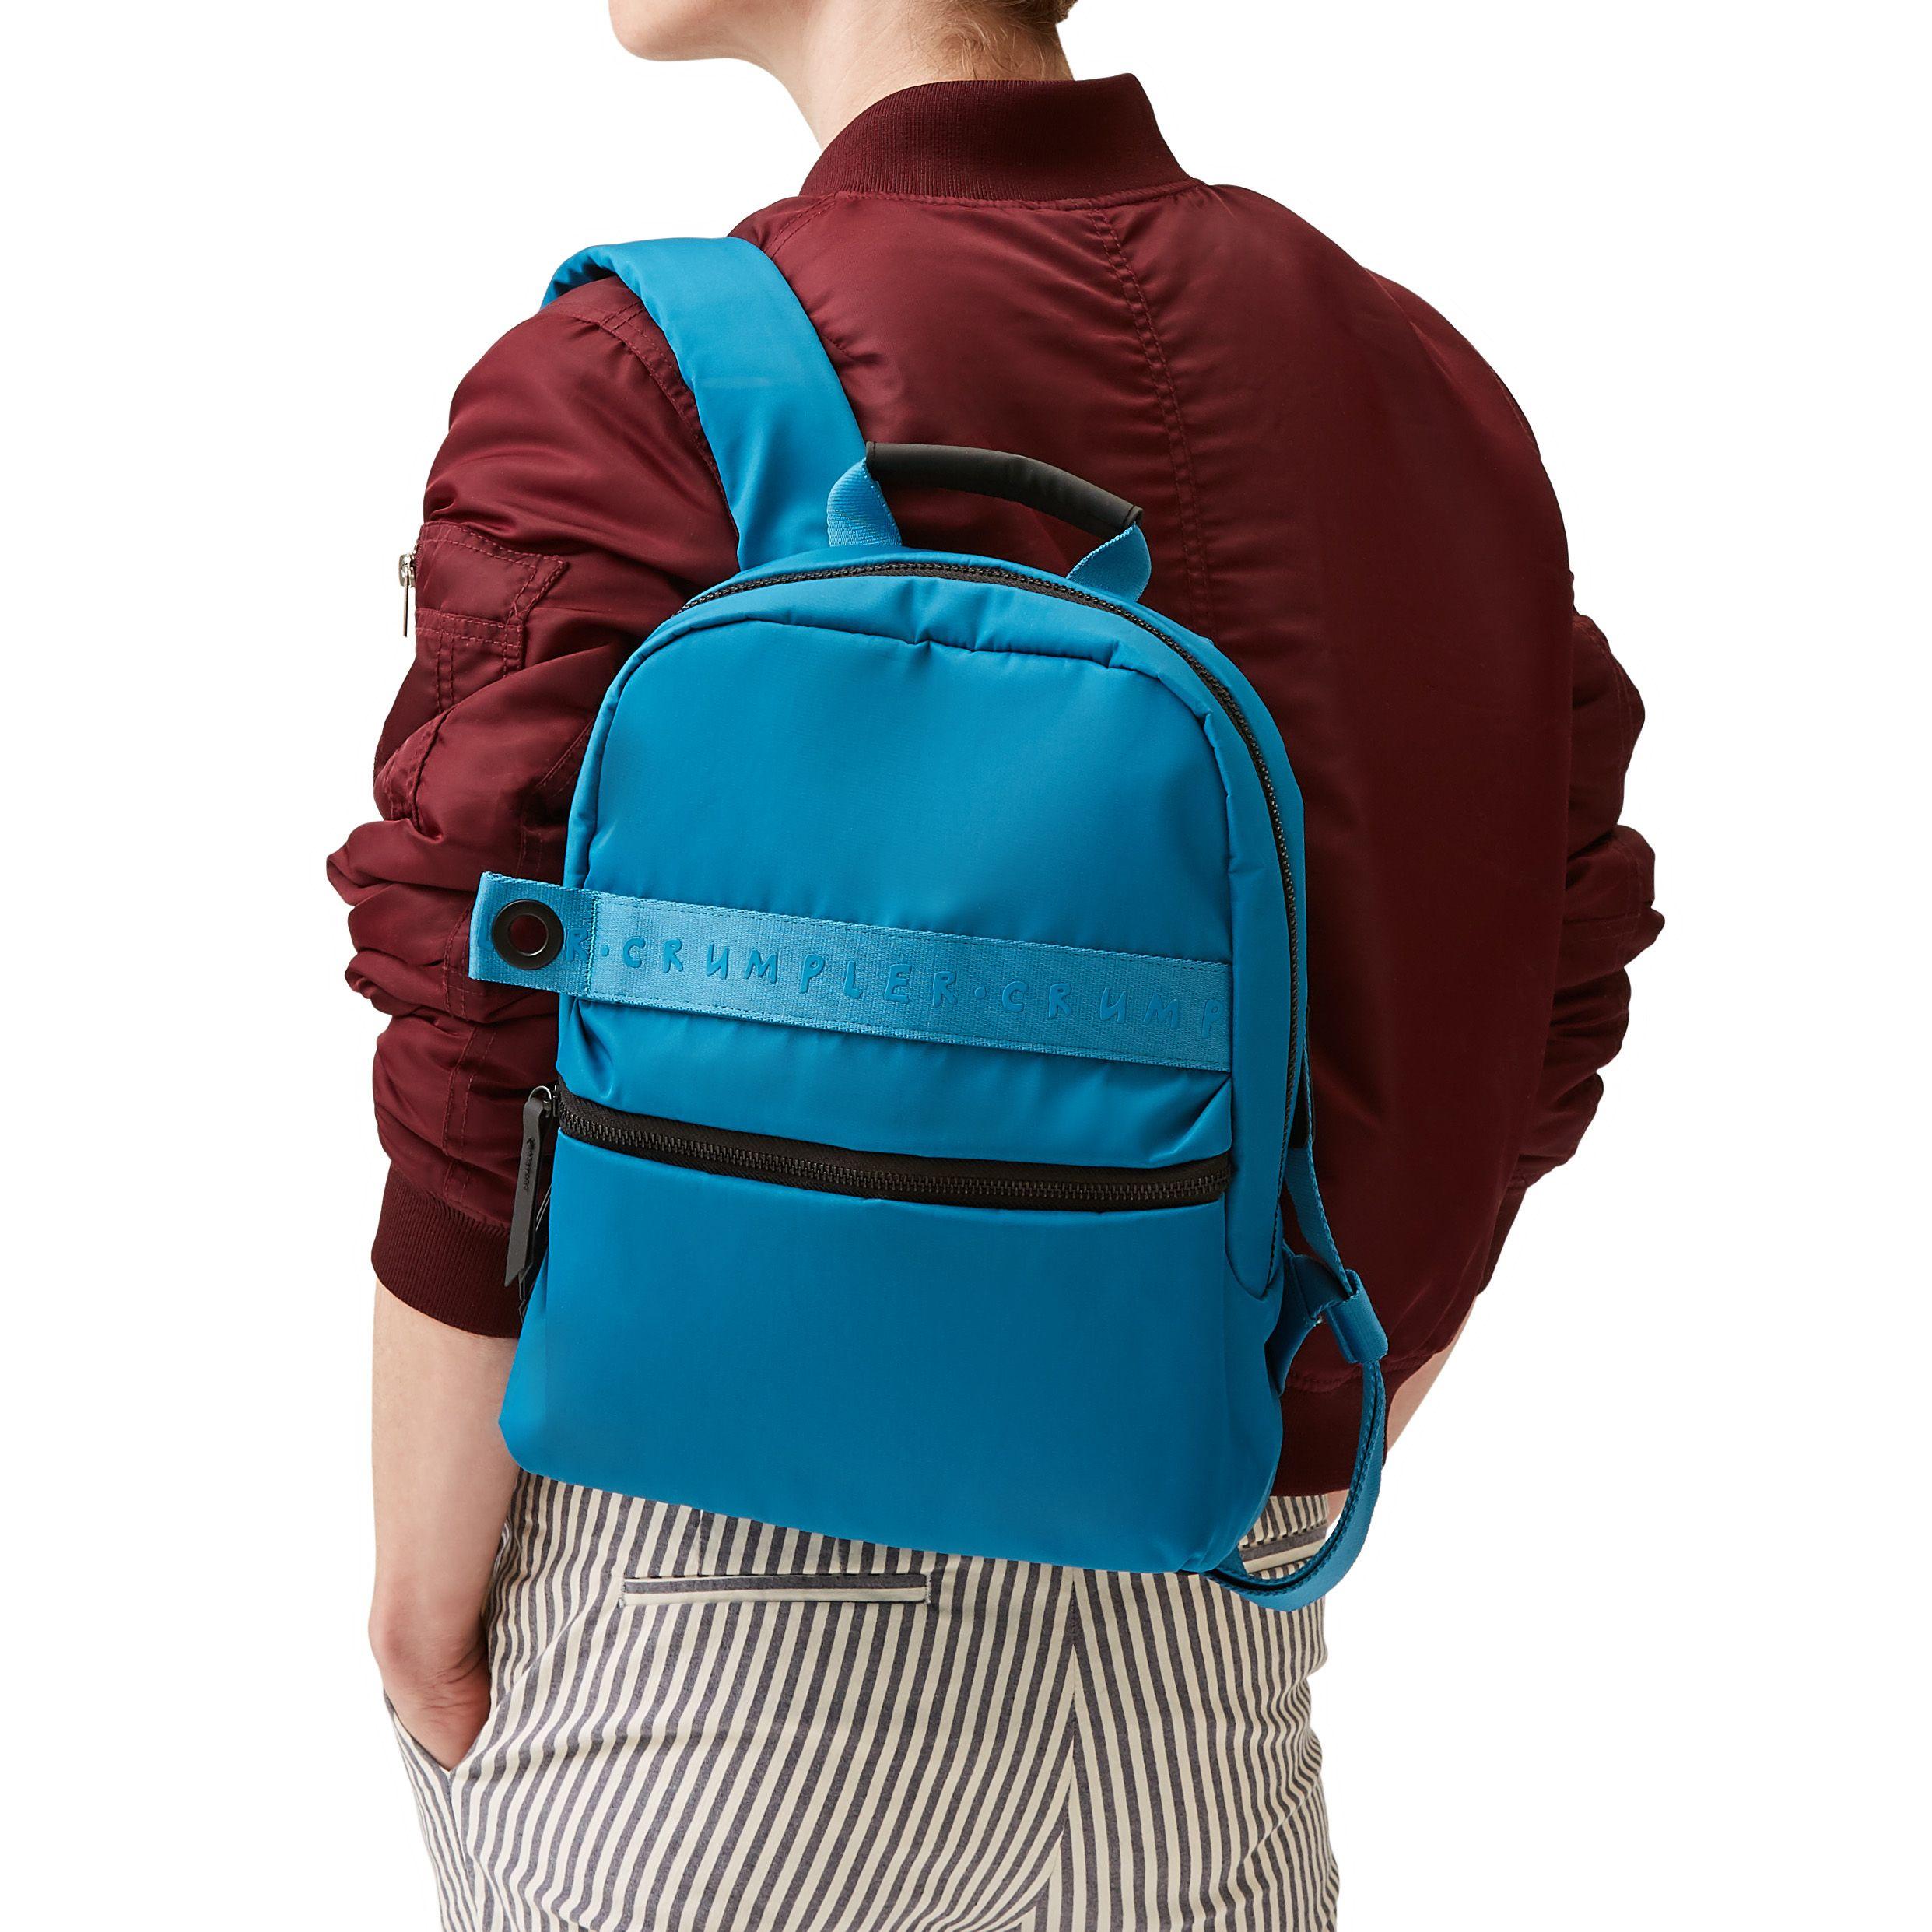 5f56676f3a The View Mini backpack in Niagra  backpacks  crumpler  bluebackpacks   bluebags  weatherproofbags